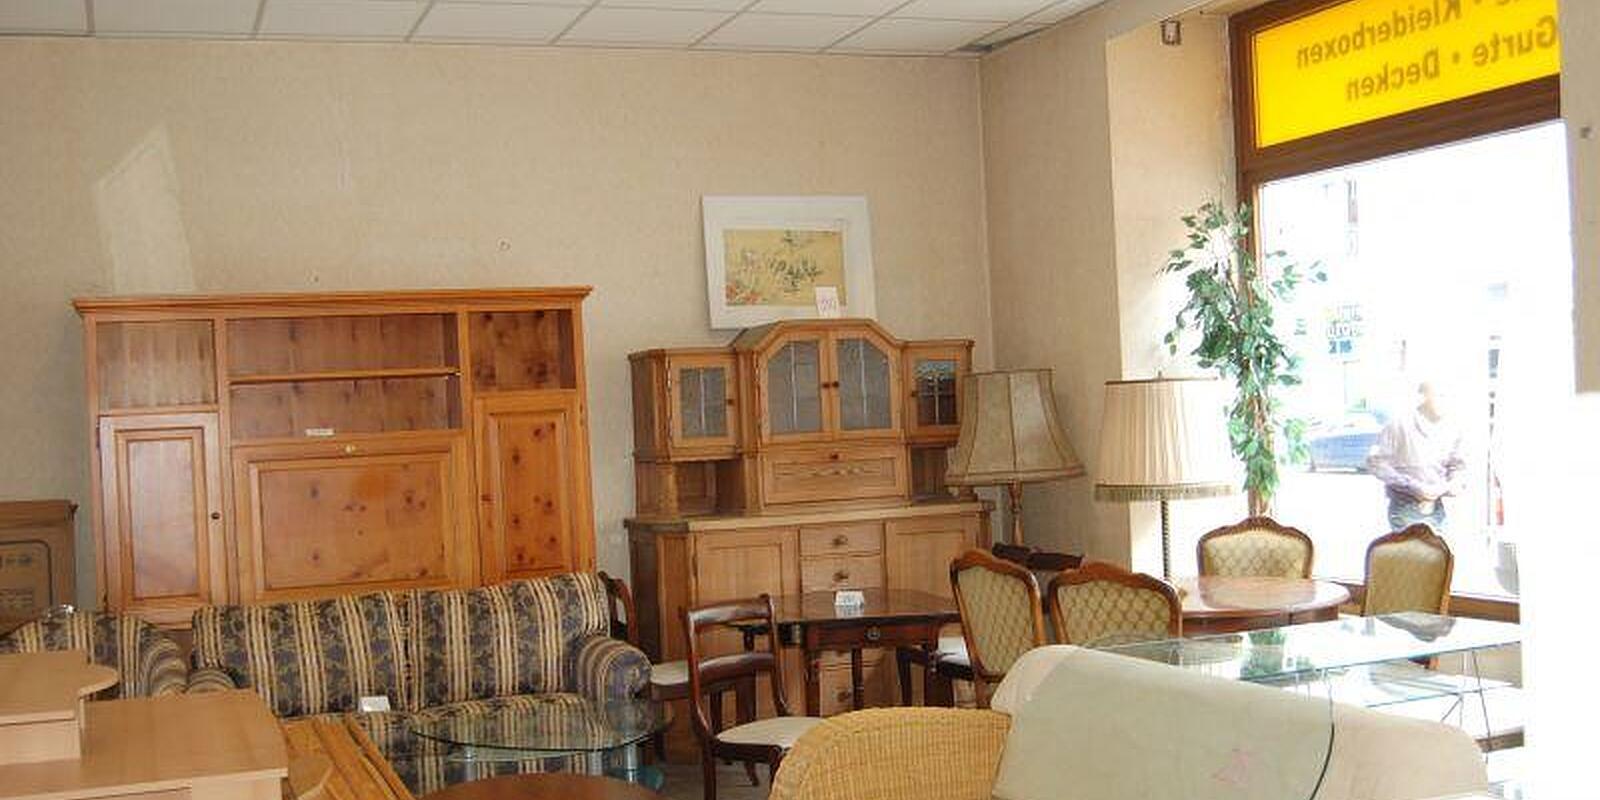 b m gebrauchtm bel rosenheimer str haidhausen m nchen b m gebrauchtmoebel willkommen. Black Bedroom Furniture Sets. Home Design Ideas